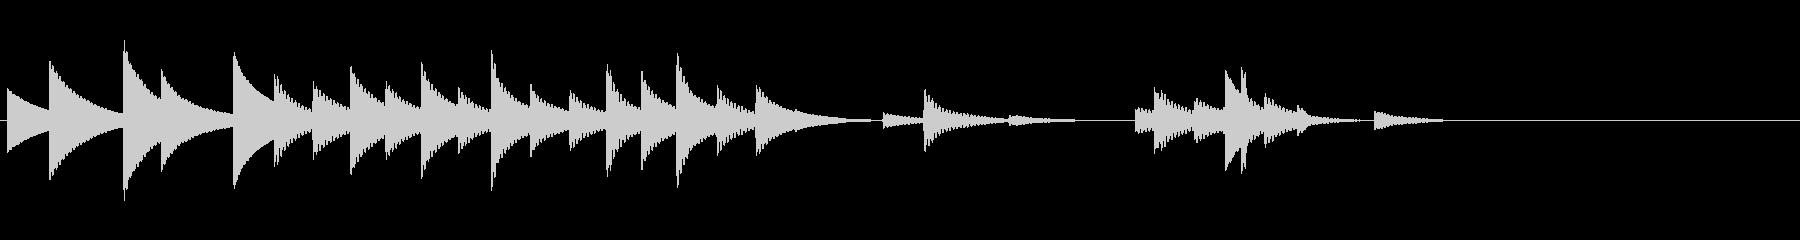 南部風鈴の音03(連続)の未再生の波形